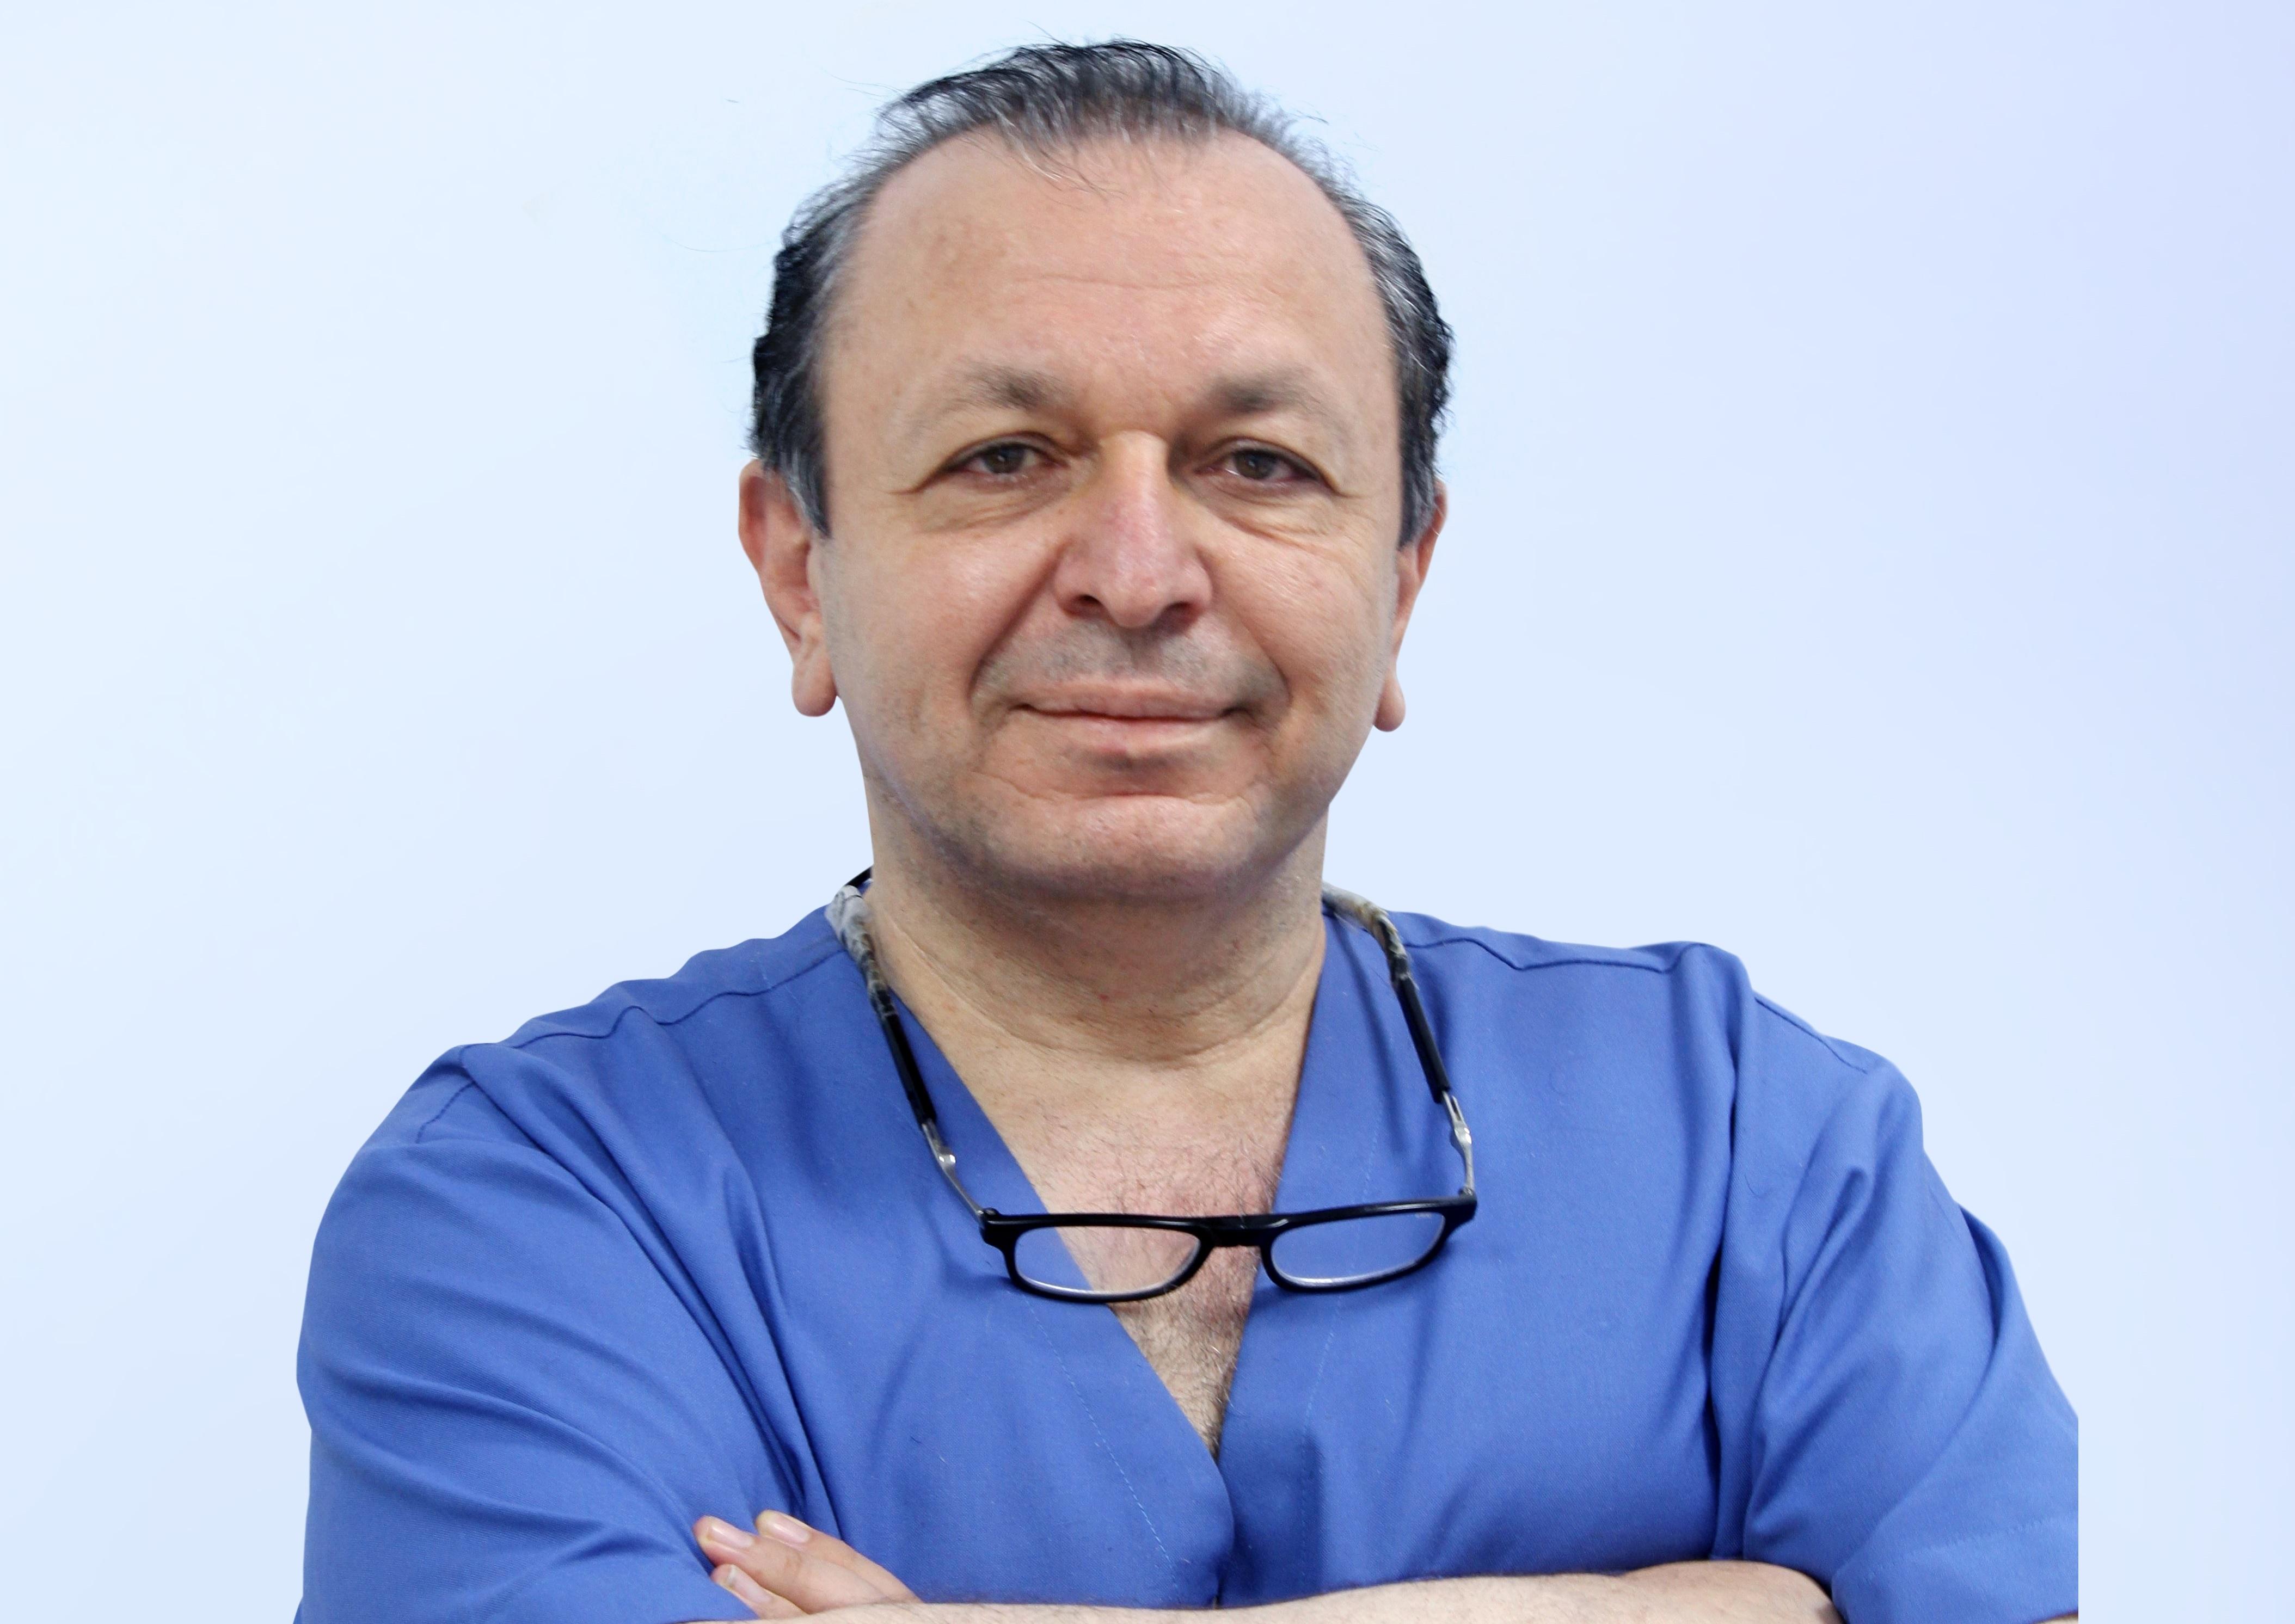 Dr. Yaser Hasan Kablawi